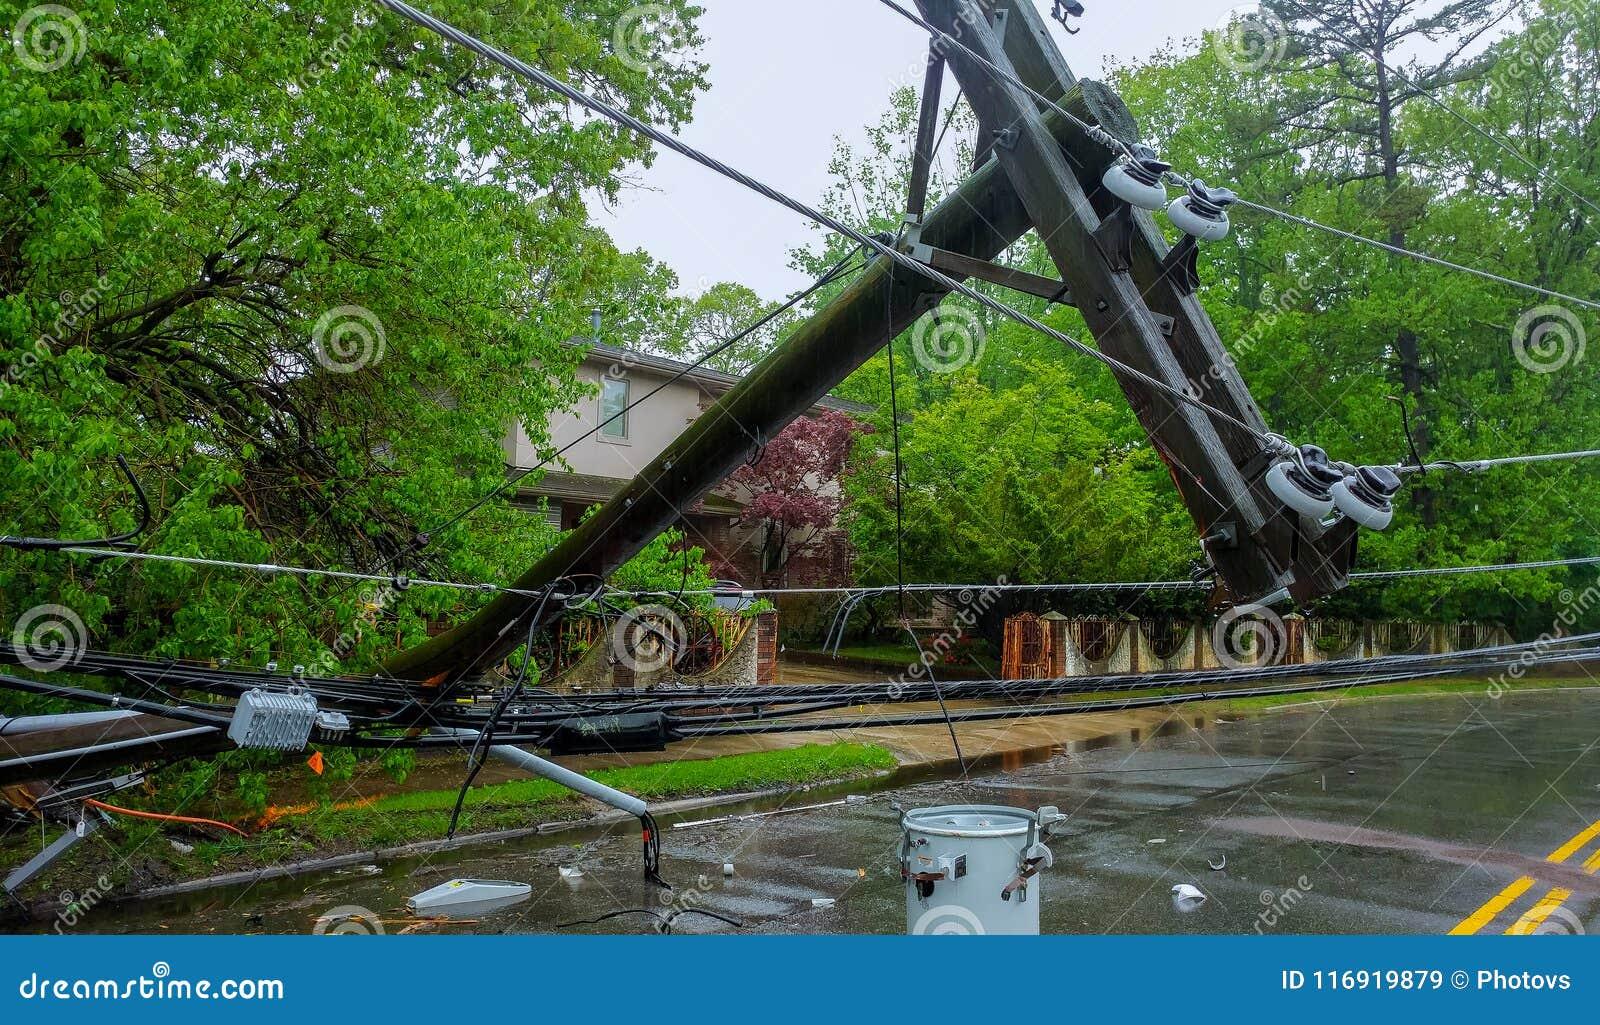 Der Sturm verursachte schweren Schaden der fallenden Neigung der elektrischen Pfosten